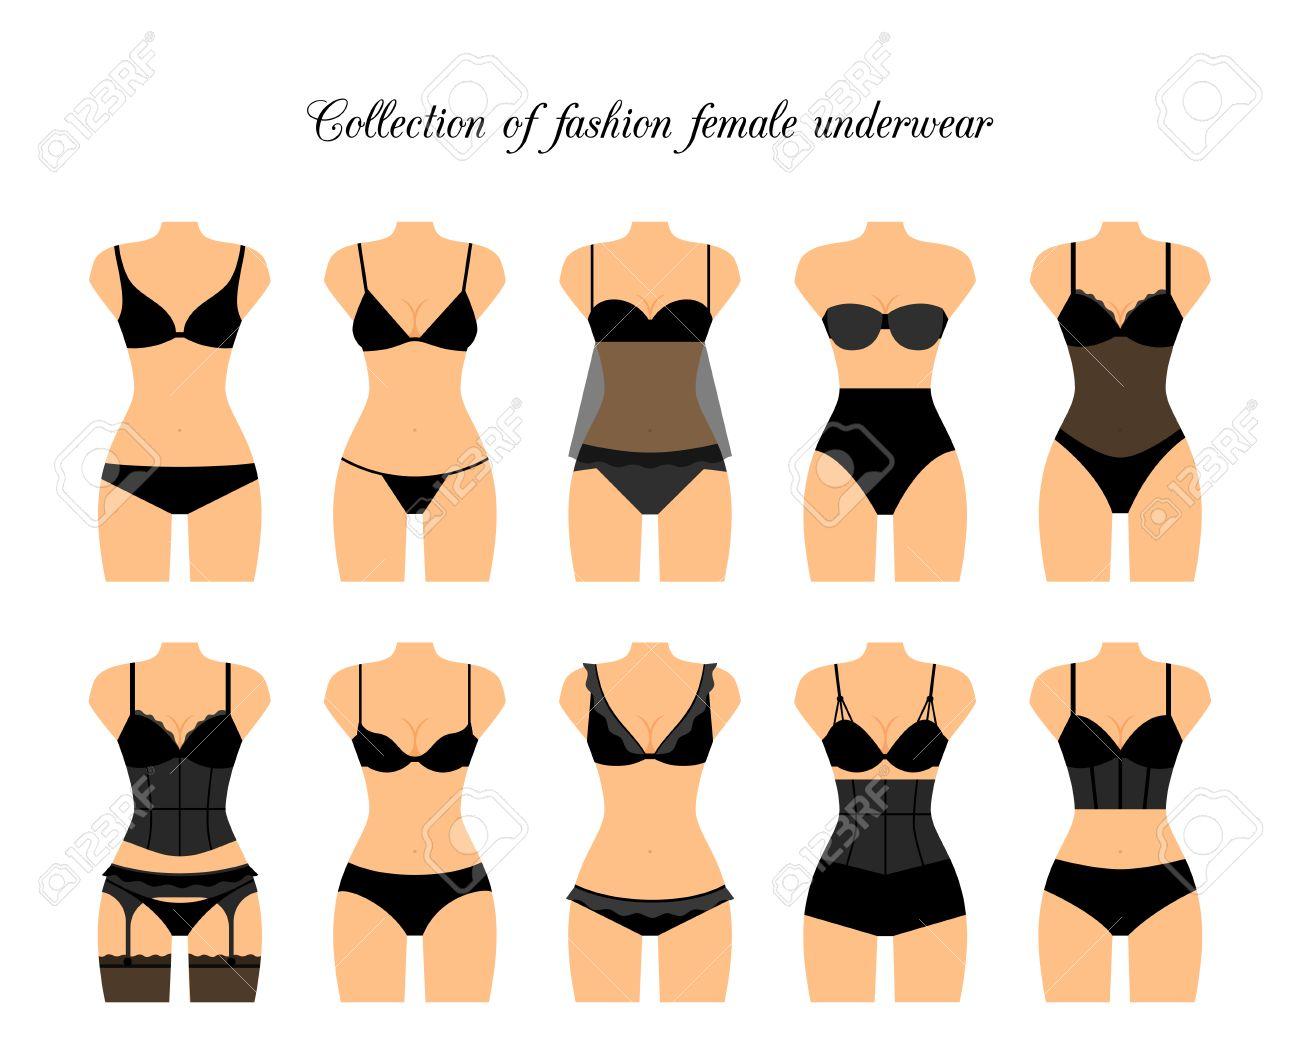 15bbb79bf122 Foto de archivo - Ropa interior femenina o conjunto de ropa interior  femenina. ilustración vectorial